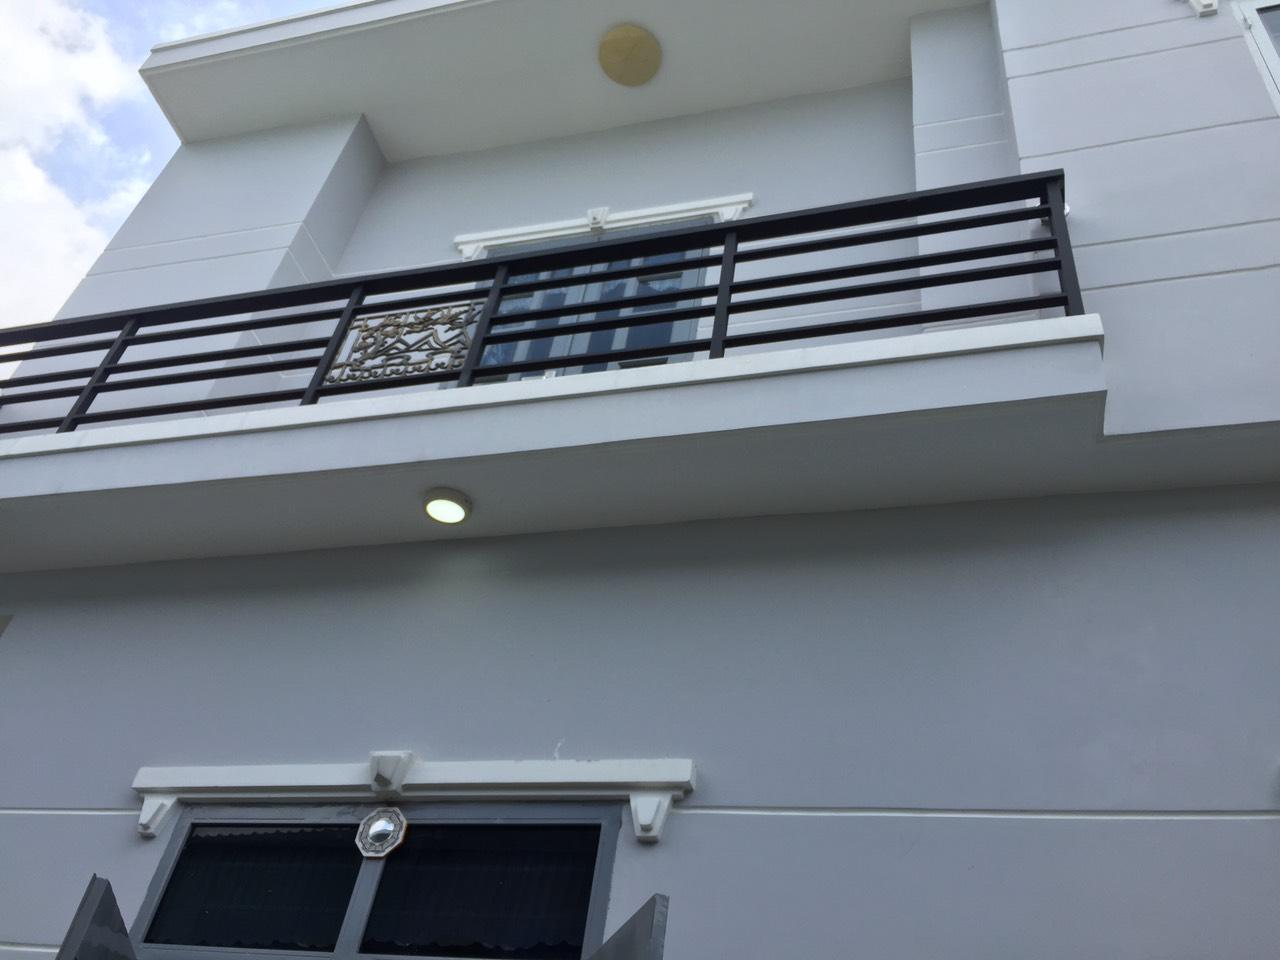 Bán nhà Trần Thị Dương Dĩ An, Nhà 1 trệt 1 lầu, dt 38m, giá chỉ 920 triệu